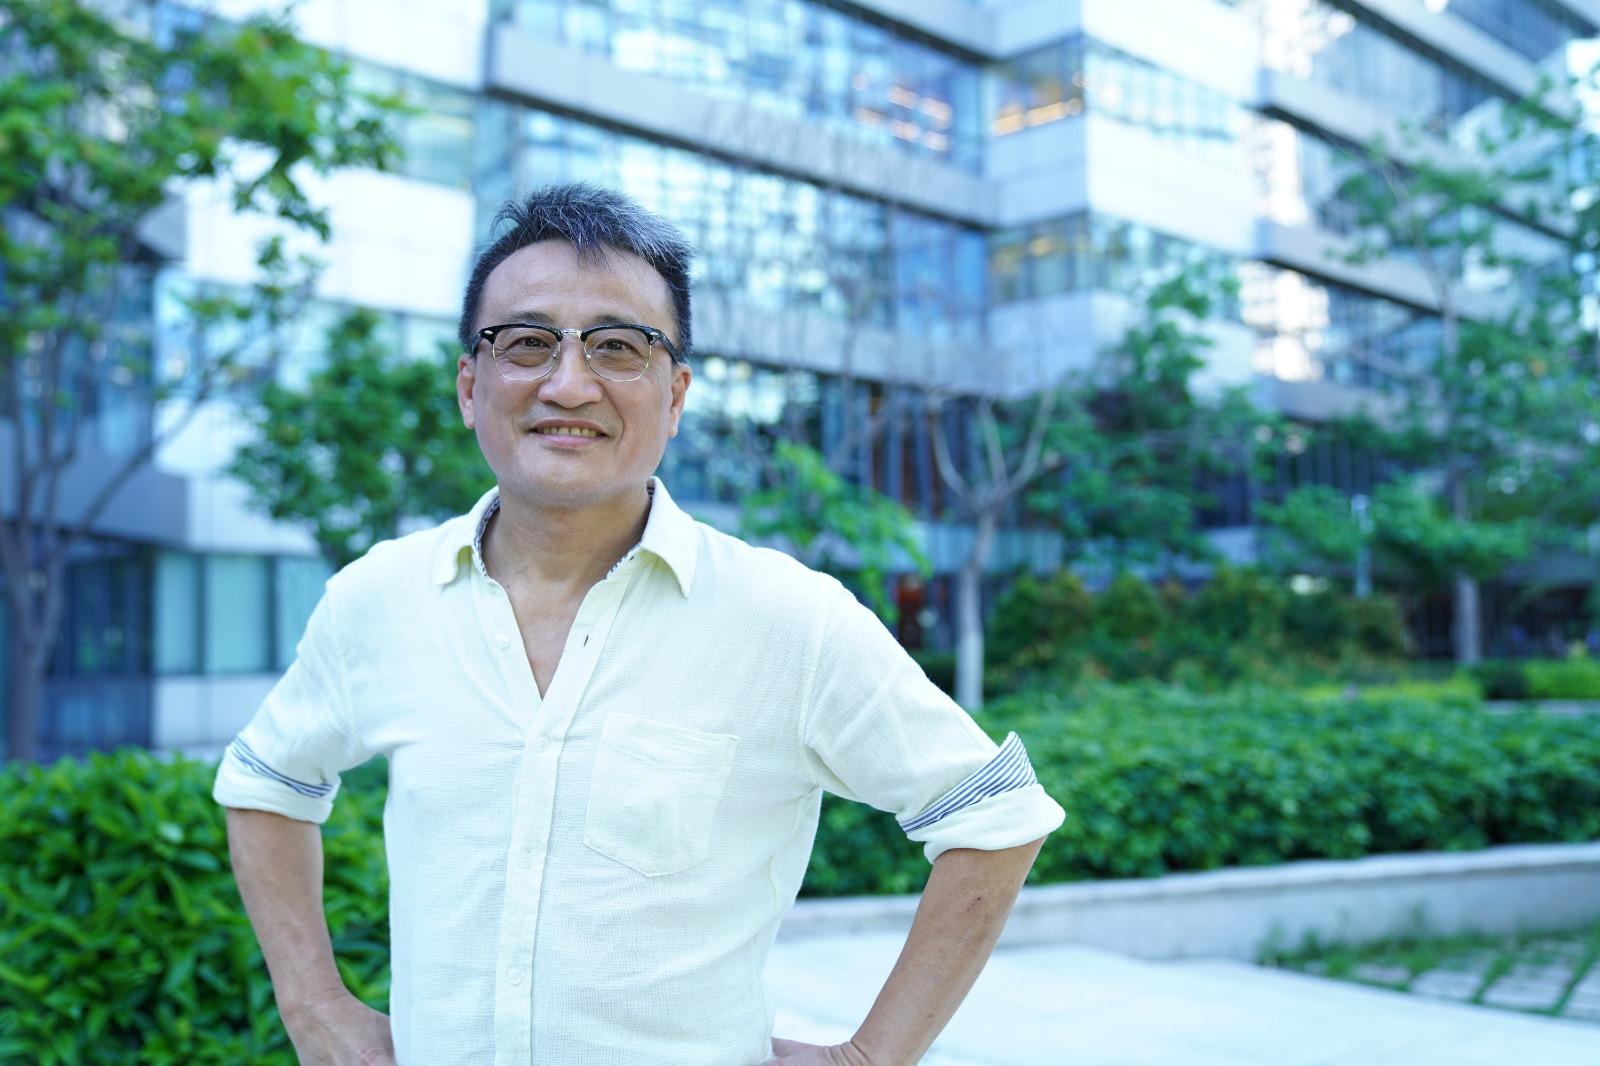 吳明德表示美國考慮限制資金進出香港,要看緊美國資金。(圖片來源:陳泓銘/大紀元)